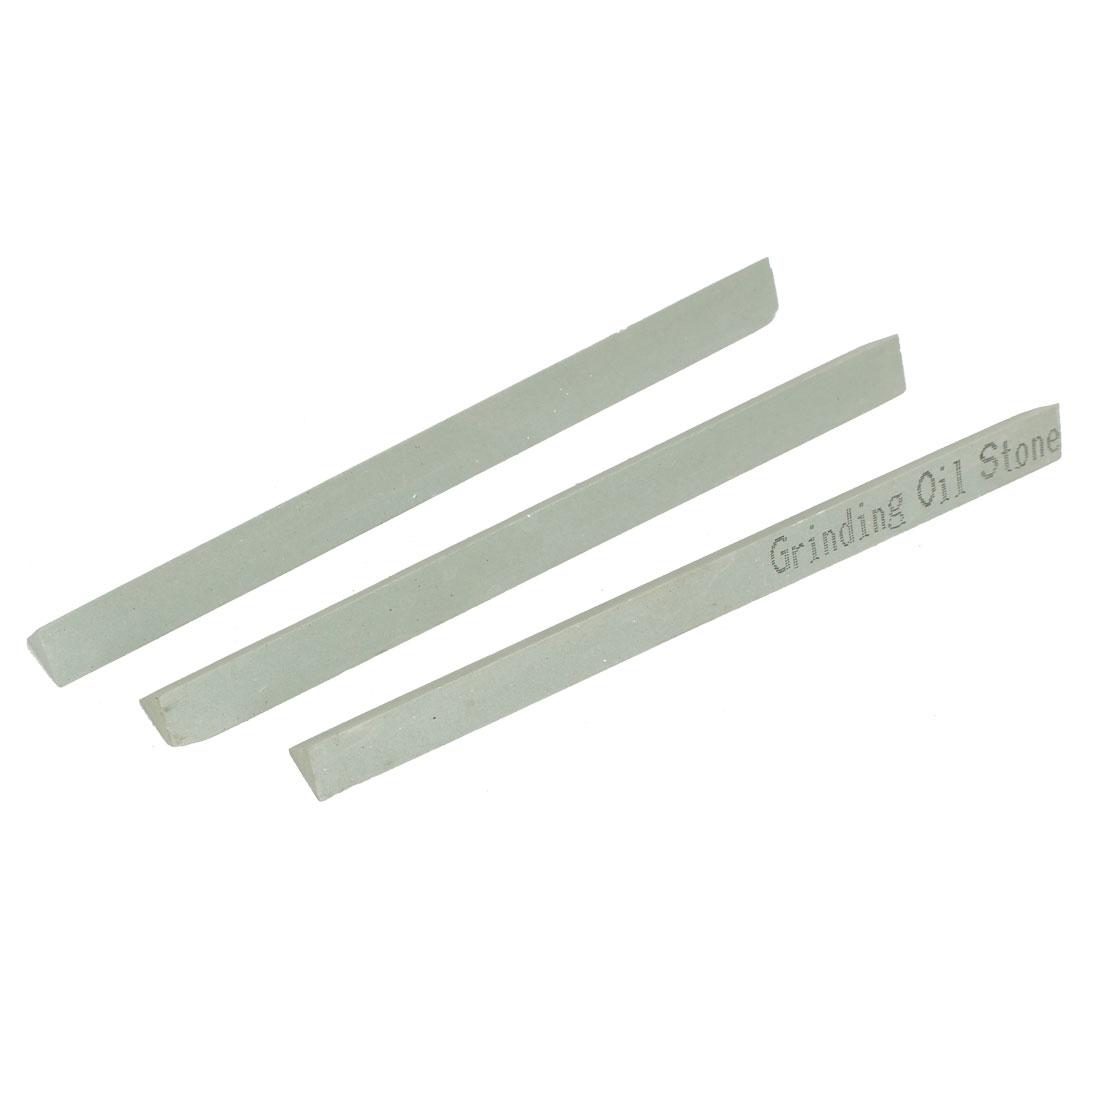 150mm x 13mm x 11mm 600 Grit Oil Stone Sticks Sharpener Green 3 Pcs